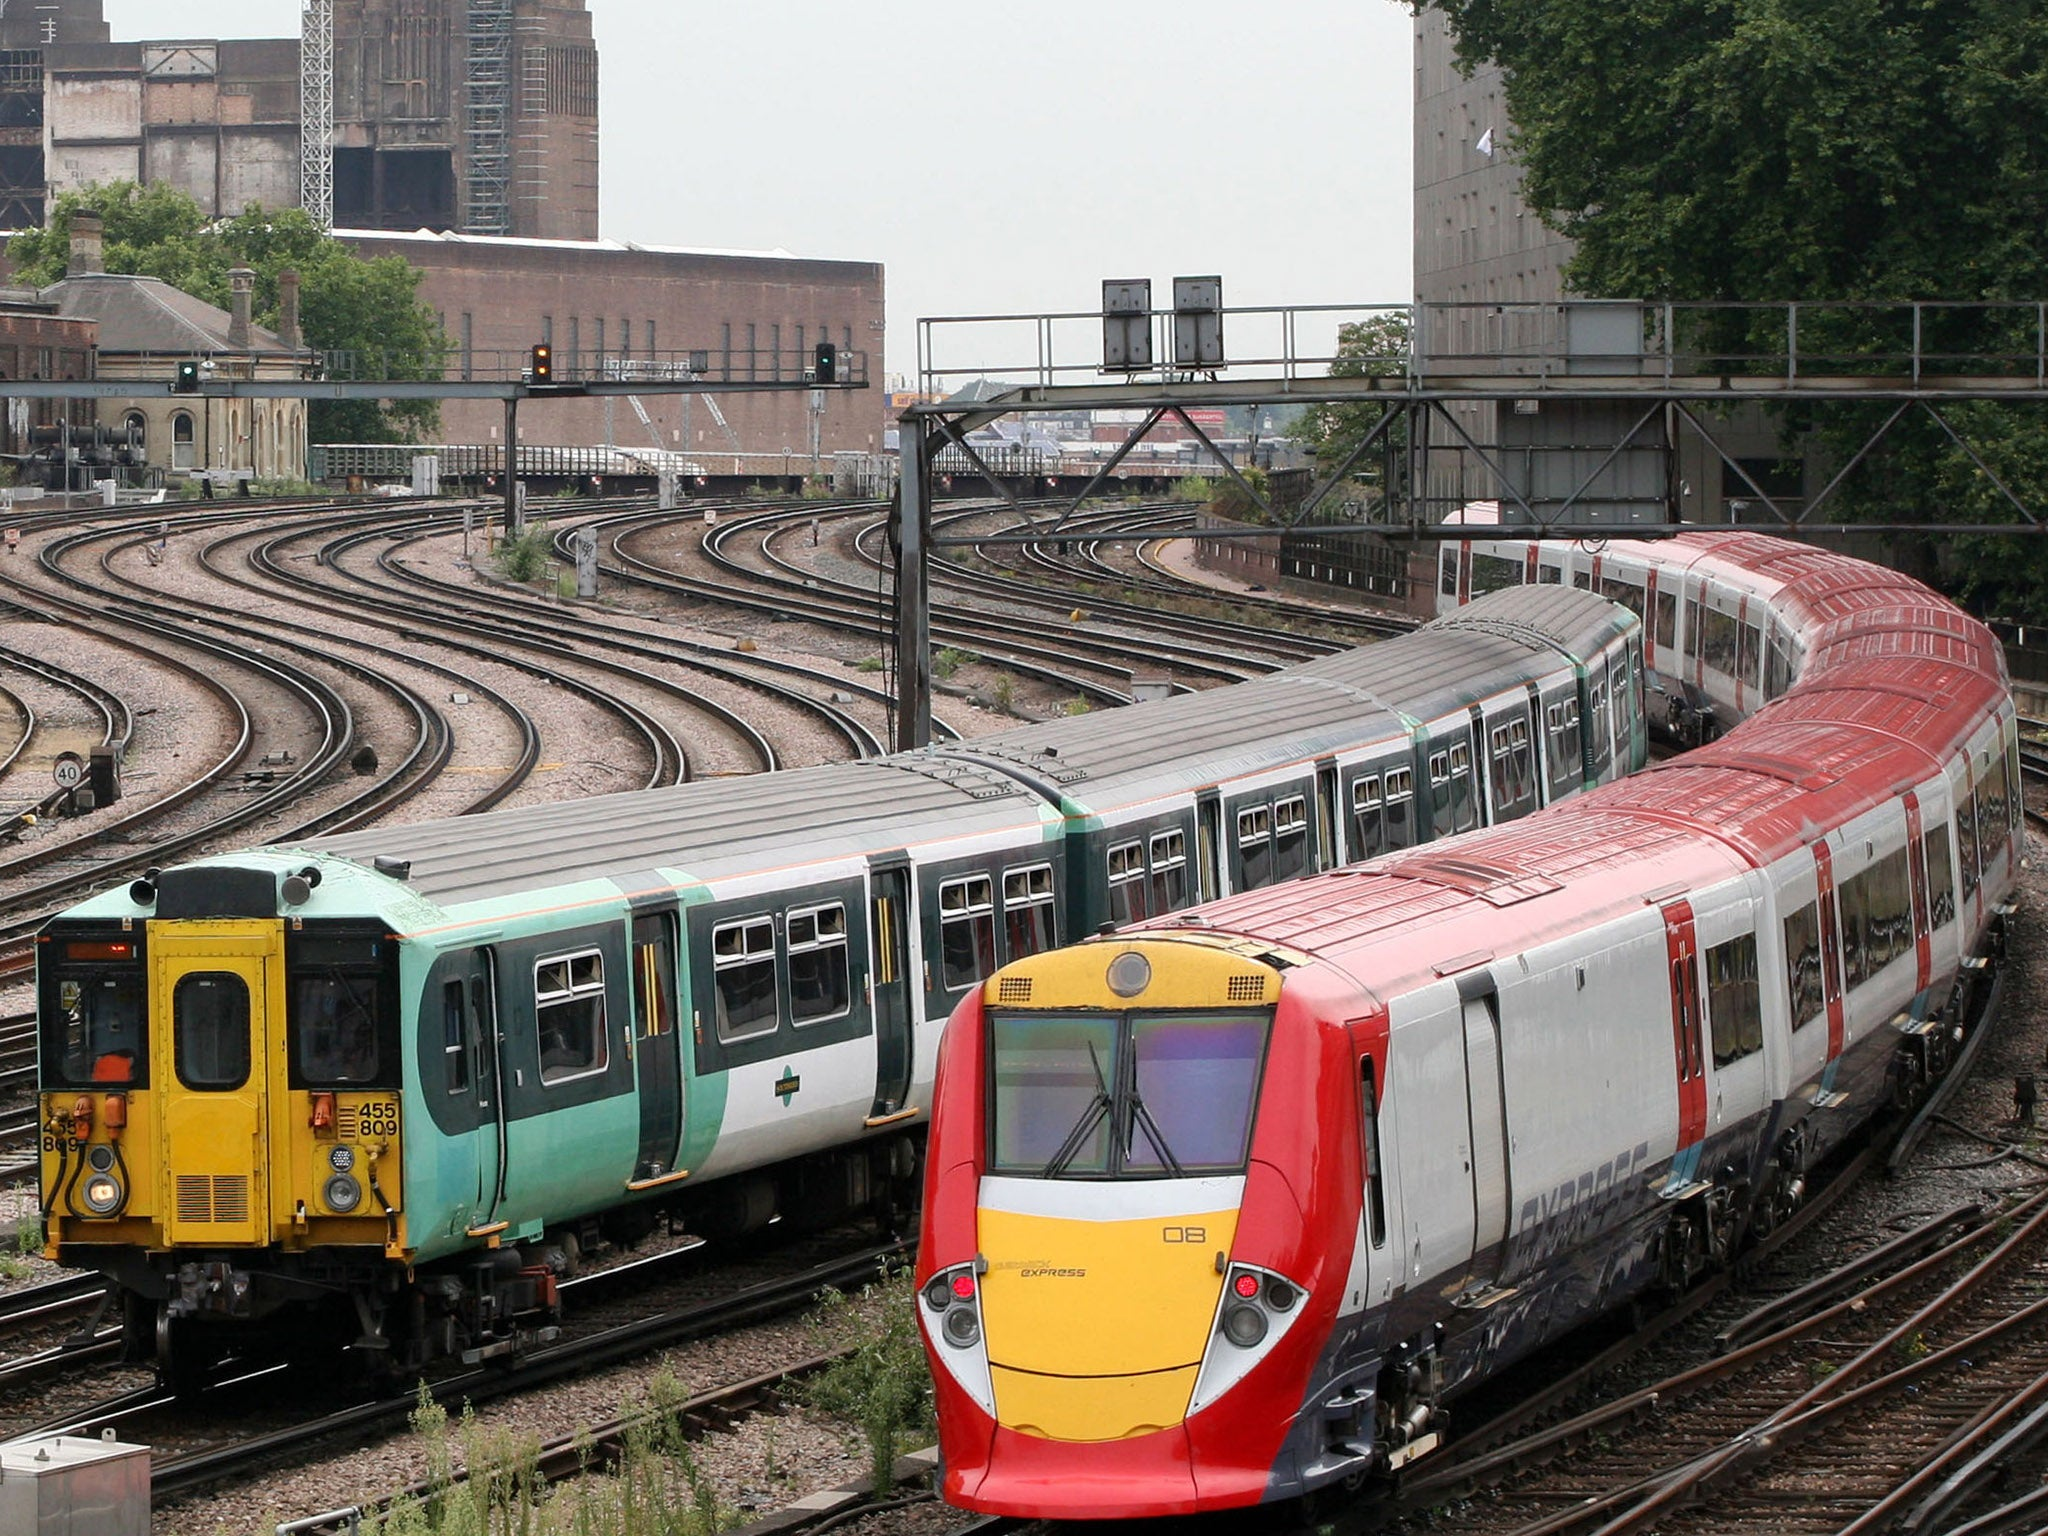 La privatización de los ferrocarriles cuesta a los britanicos £ 5 bn por año e incrementa las tasas y las huelgas (Eng)